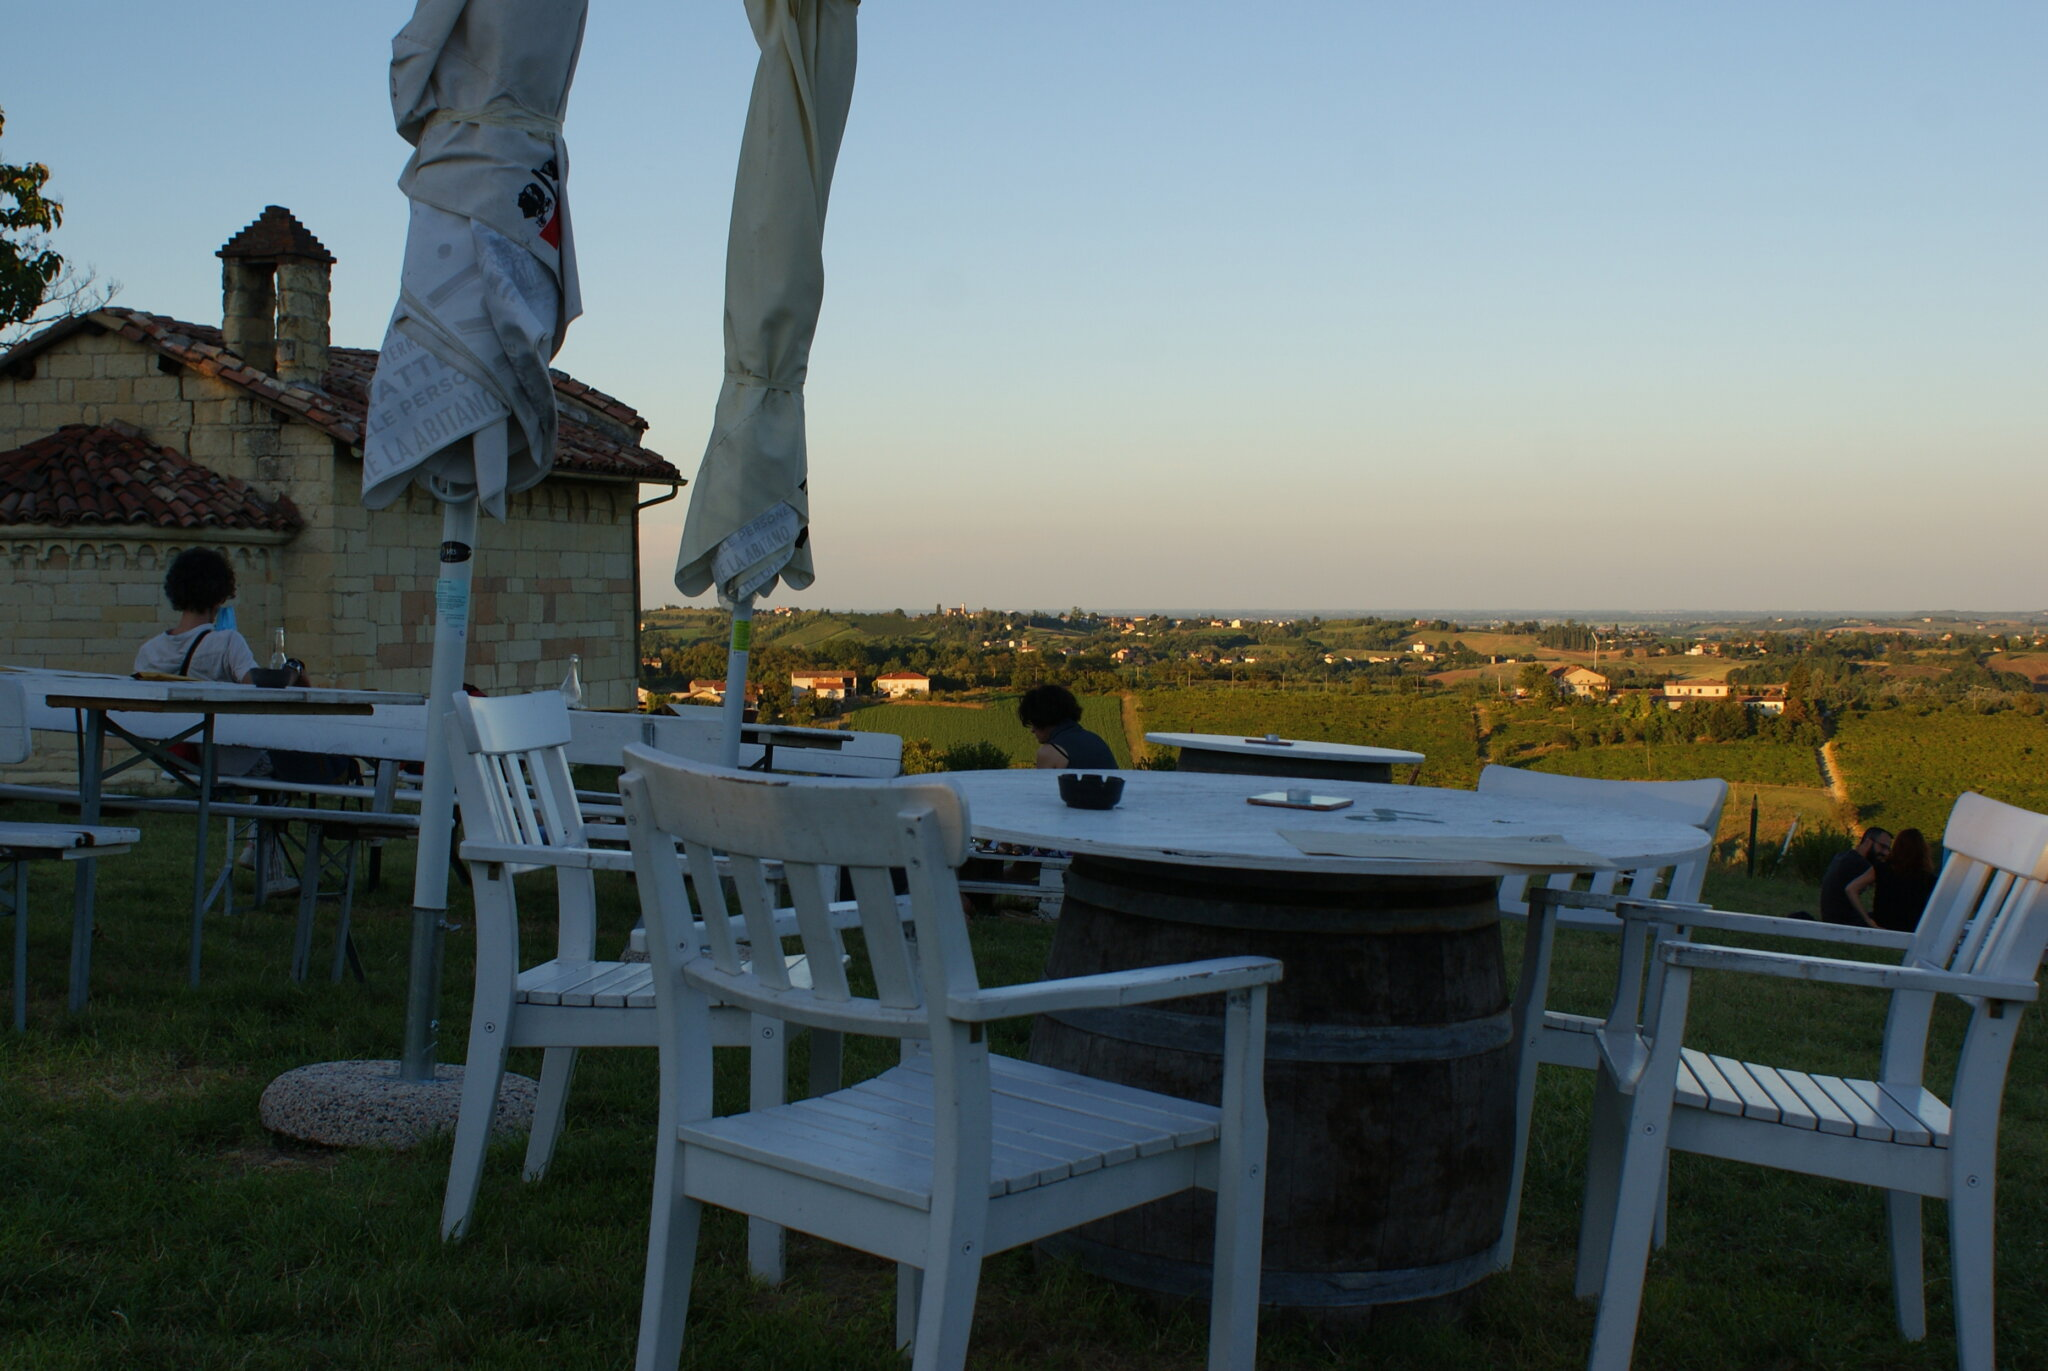 monferrato travel guide piemonte italy piedmont tips eat see do guida viaggio vedere mangiare fare turismo tourism trip francinesplaceblog bar chiuso review